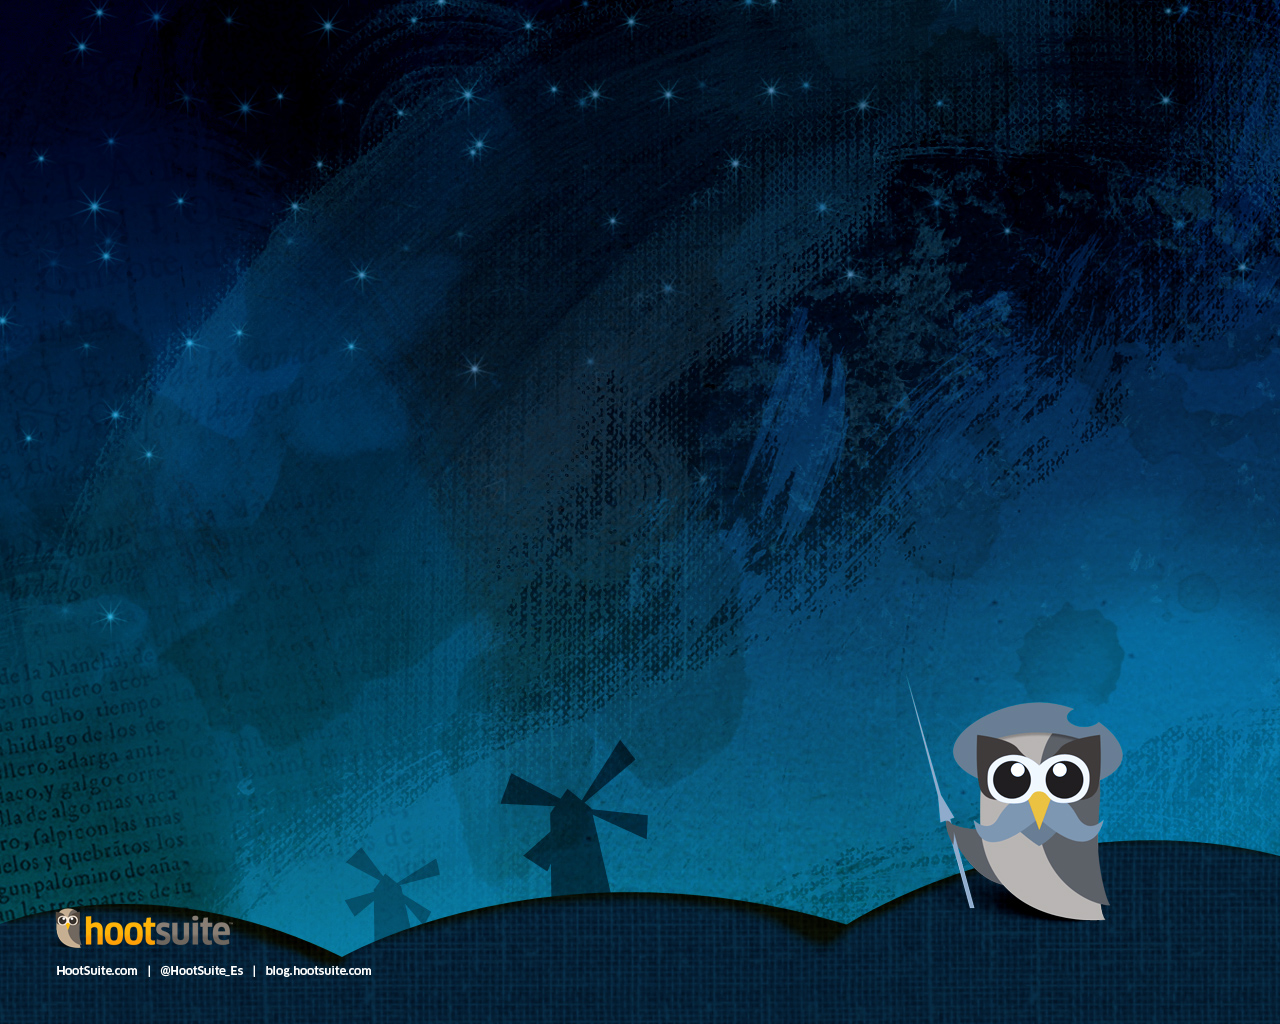 HootSuite-Quijote.jpg